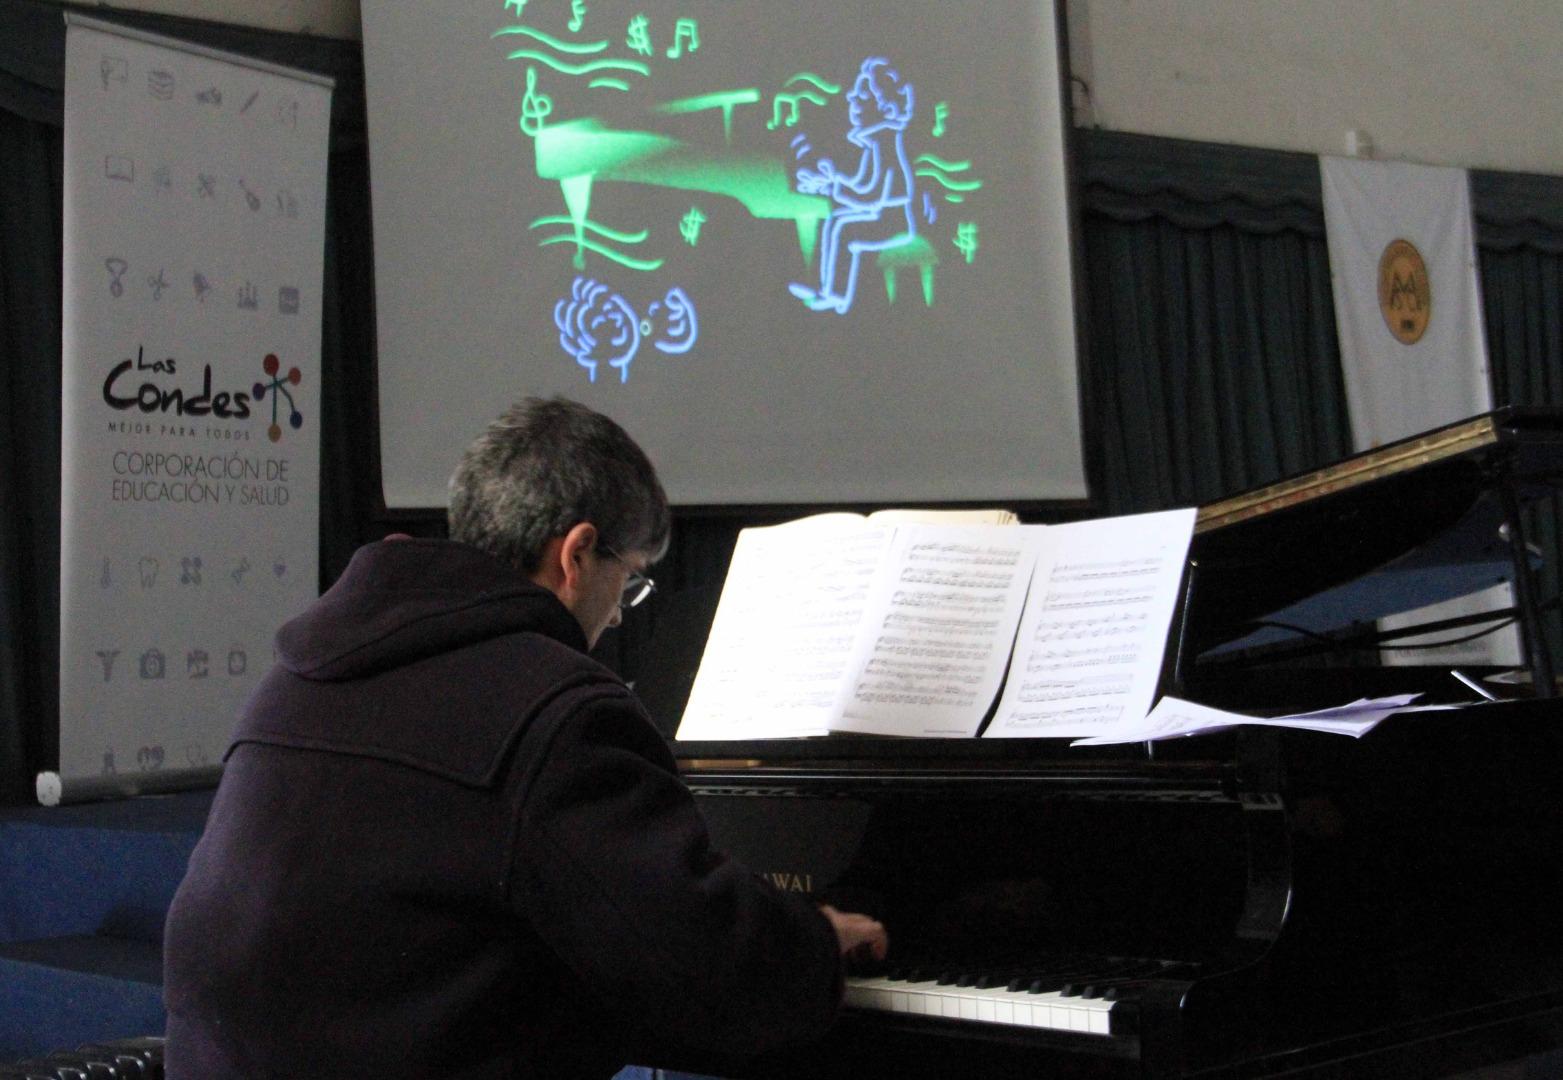 Pianista Felipe Browne en Colegio Santa María de Las Condes